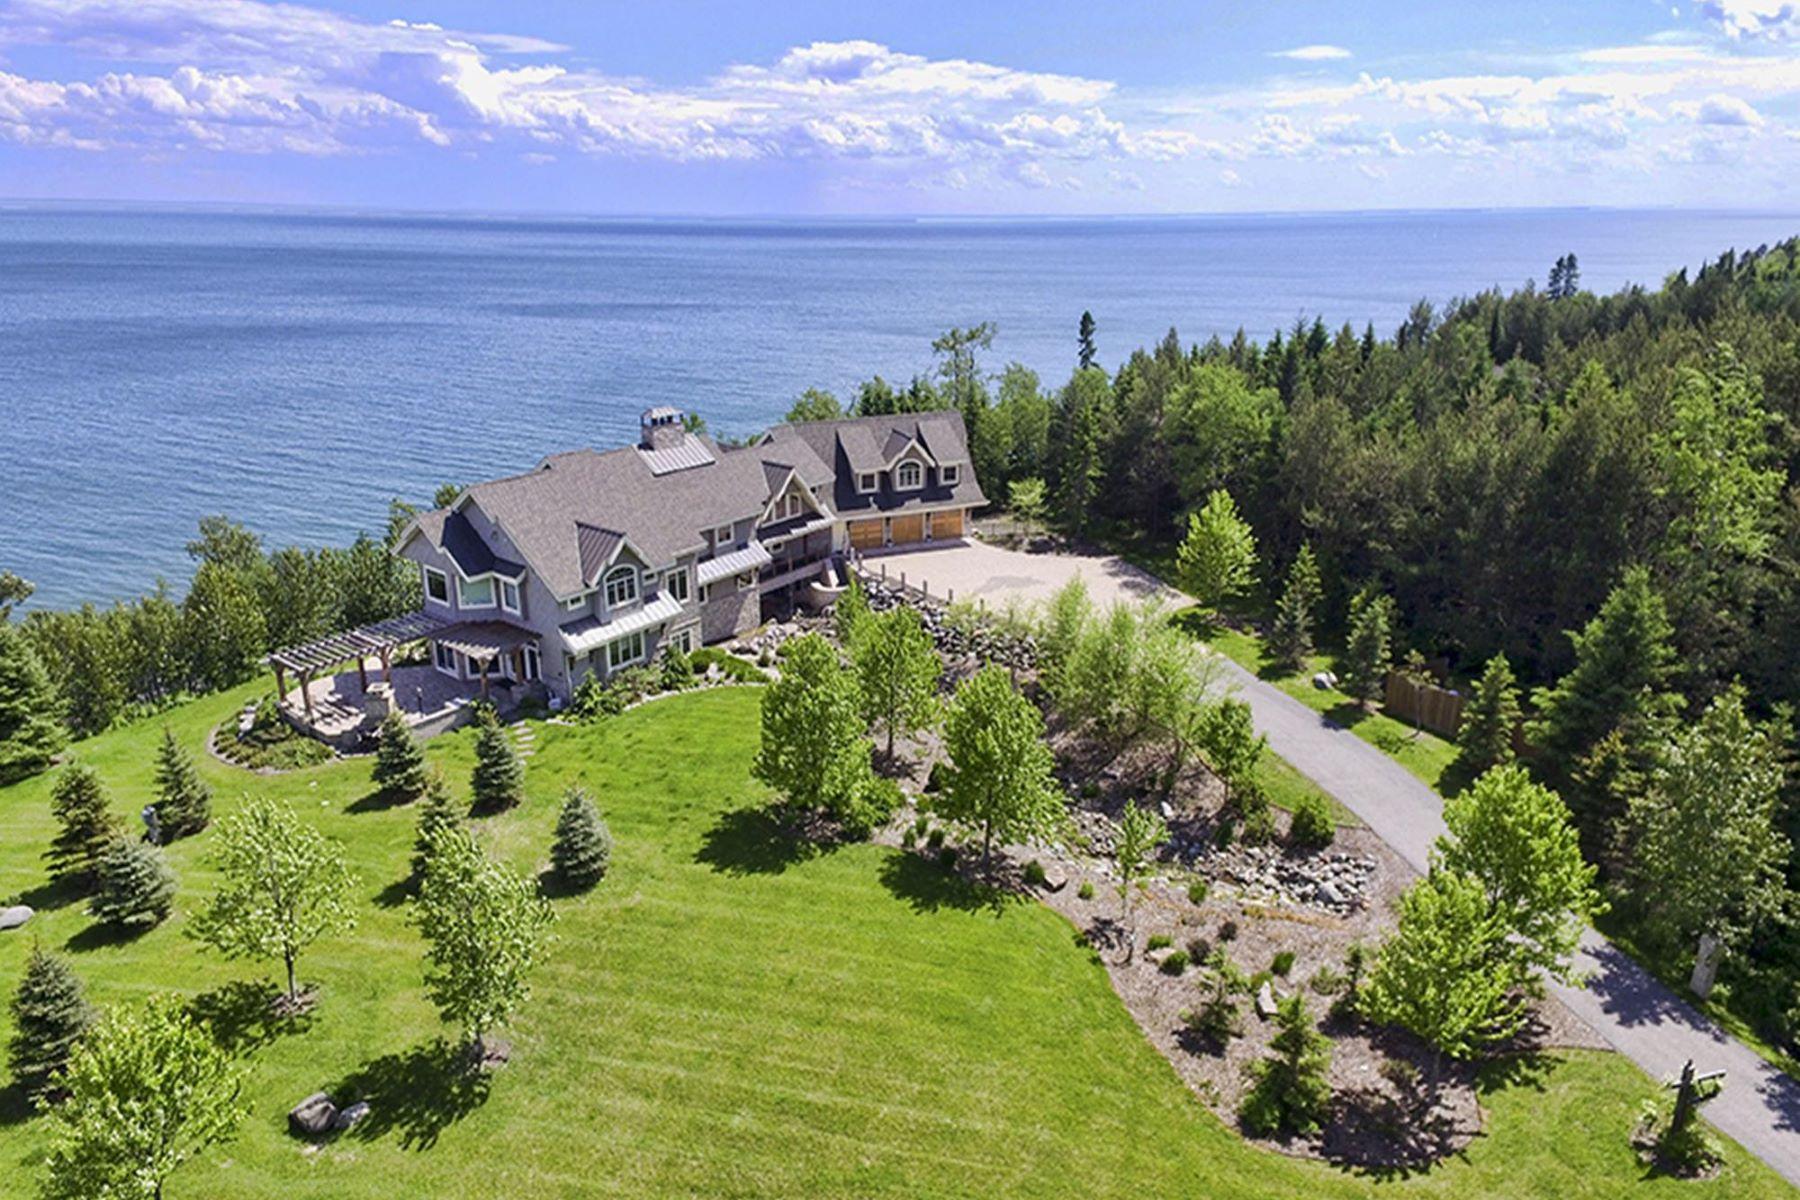 獨棟家庭住宅 為 出售 在 908 W Bay Road Two Harbors, 明尼蘇達州, 55616 美國